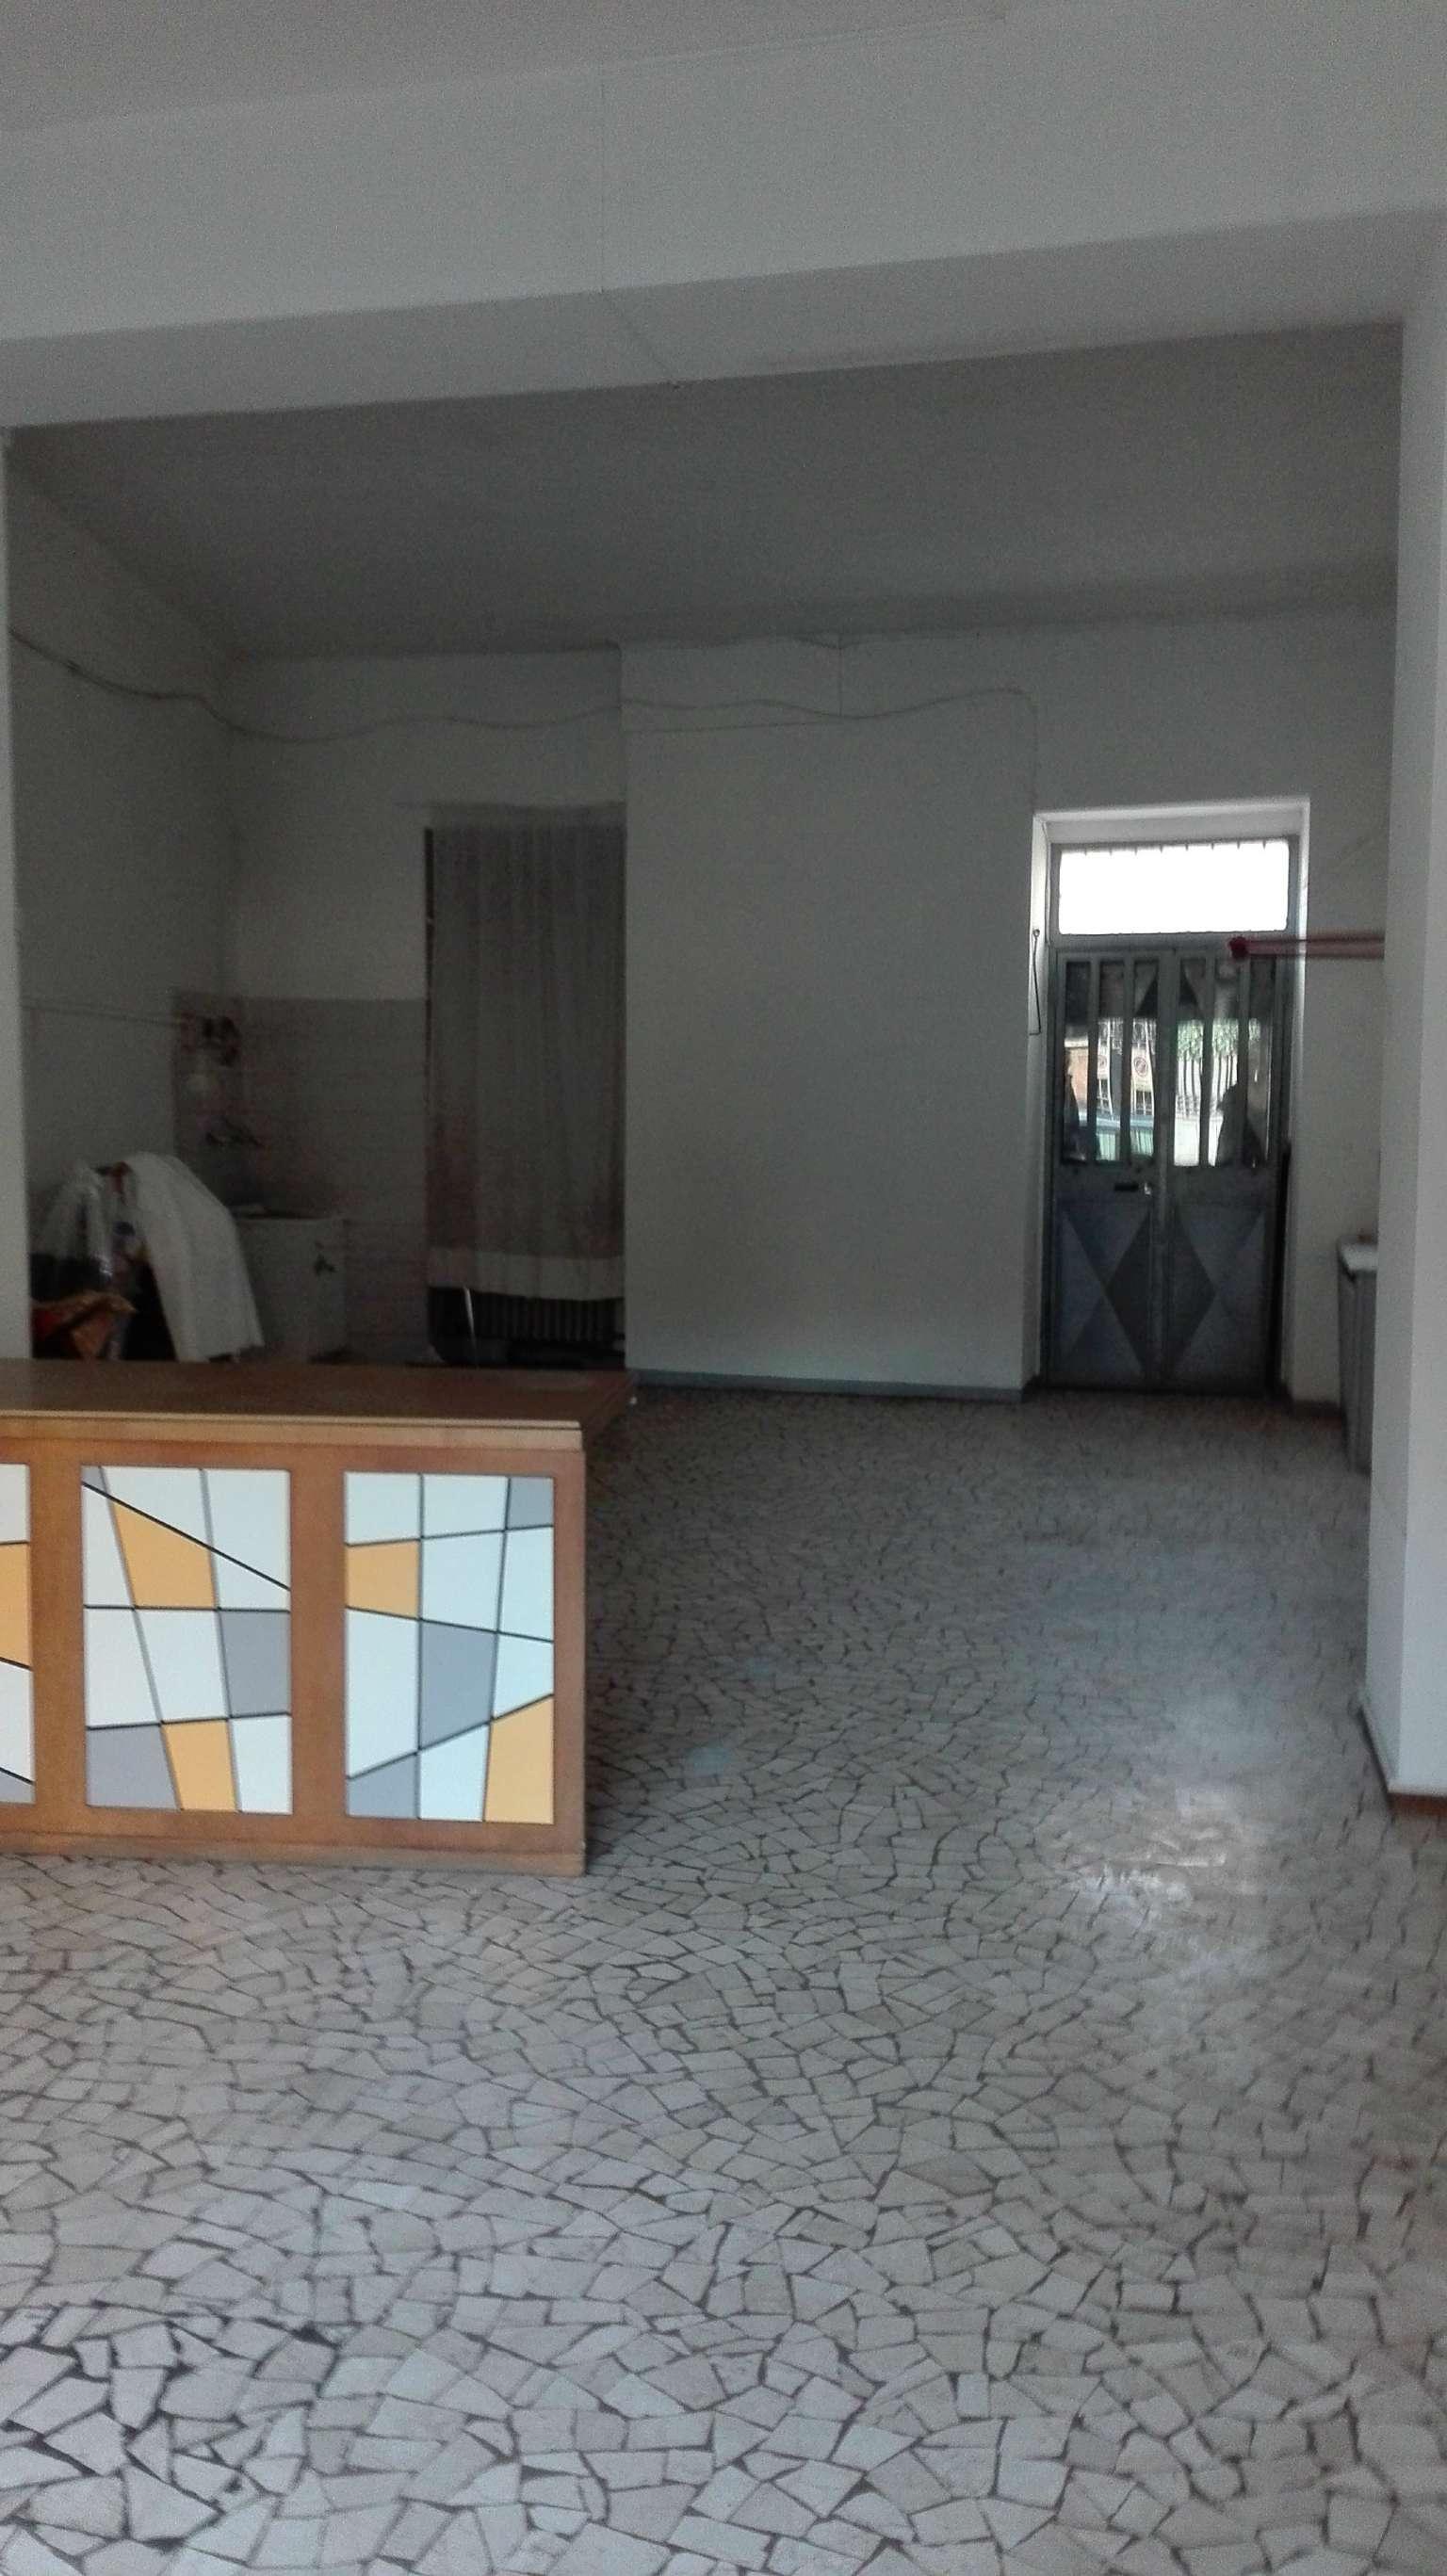 Ufficio / Studio in affitto a Torino, 1 locali, zona Zona: 8 . San Paolo, Cenisia, prezzo € 950 | CambioCasa.it